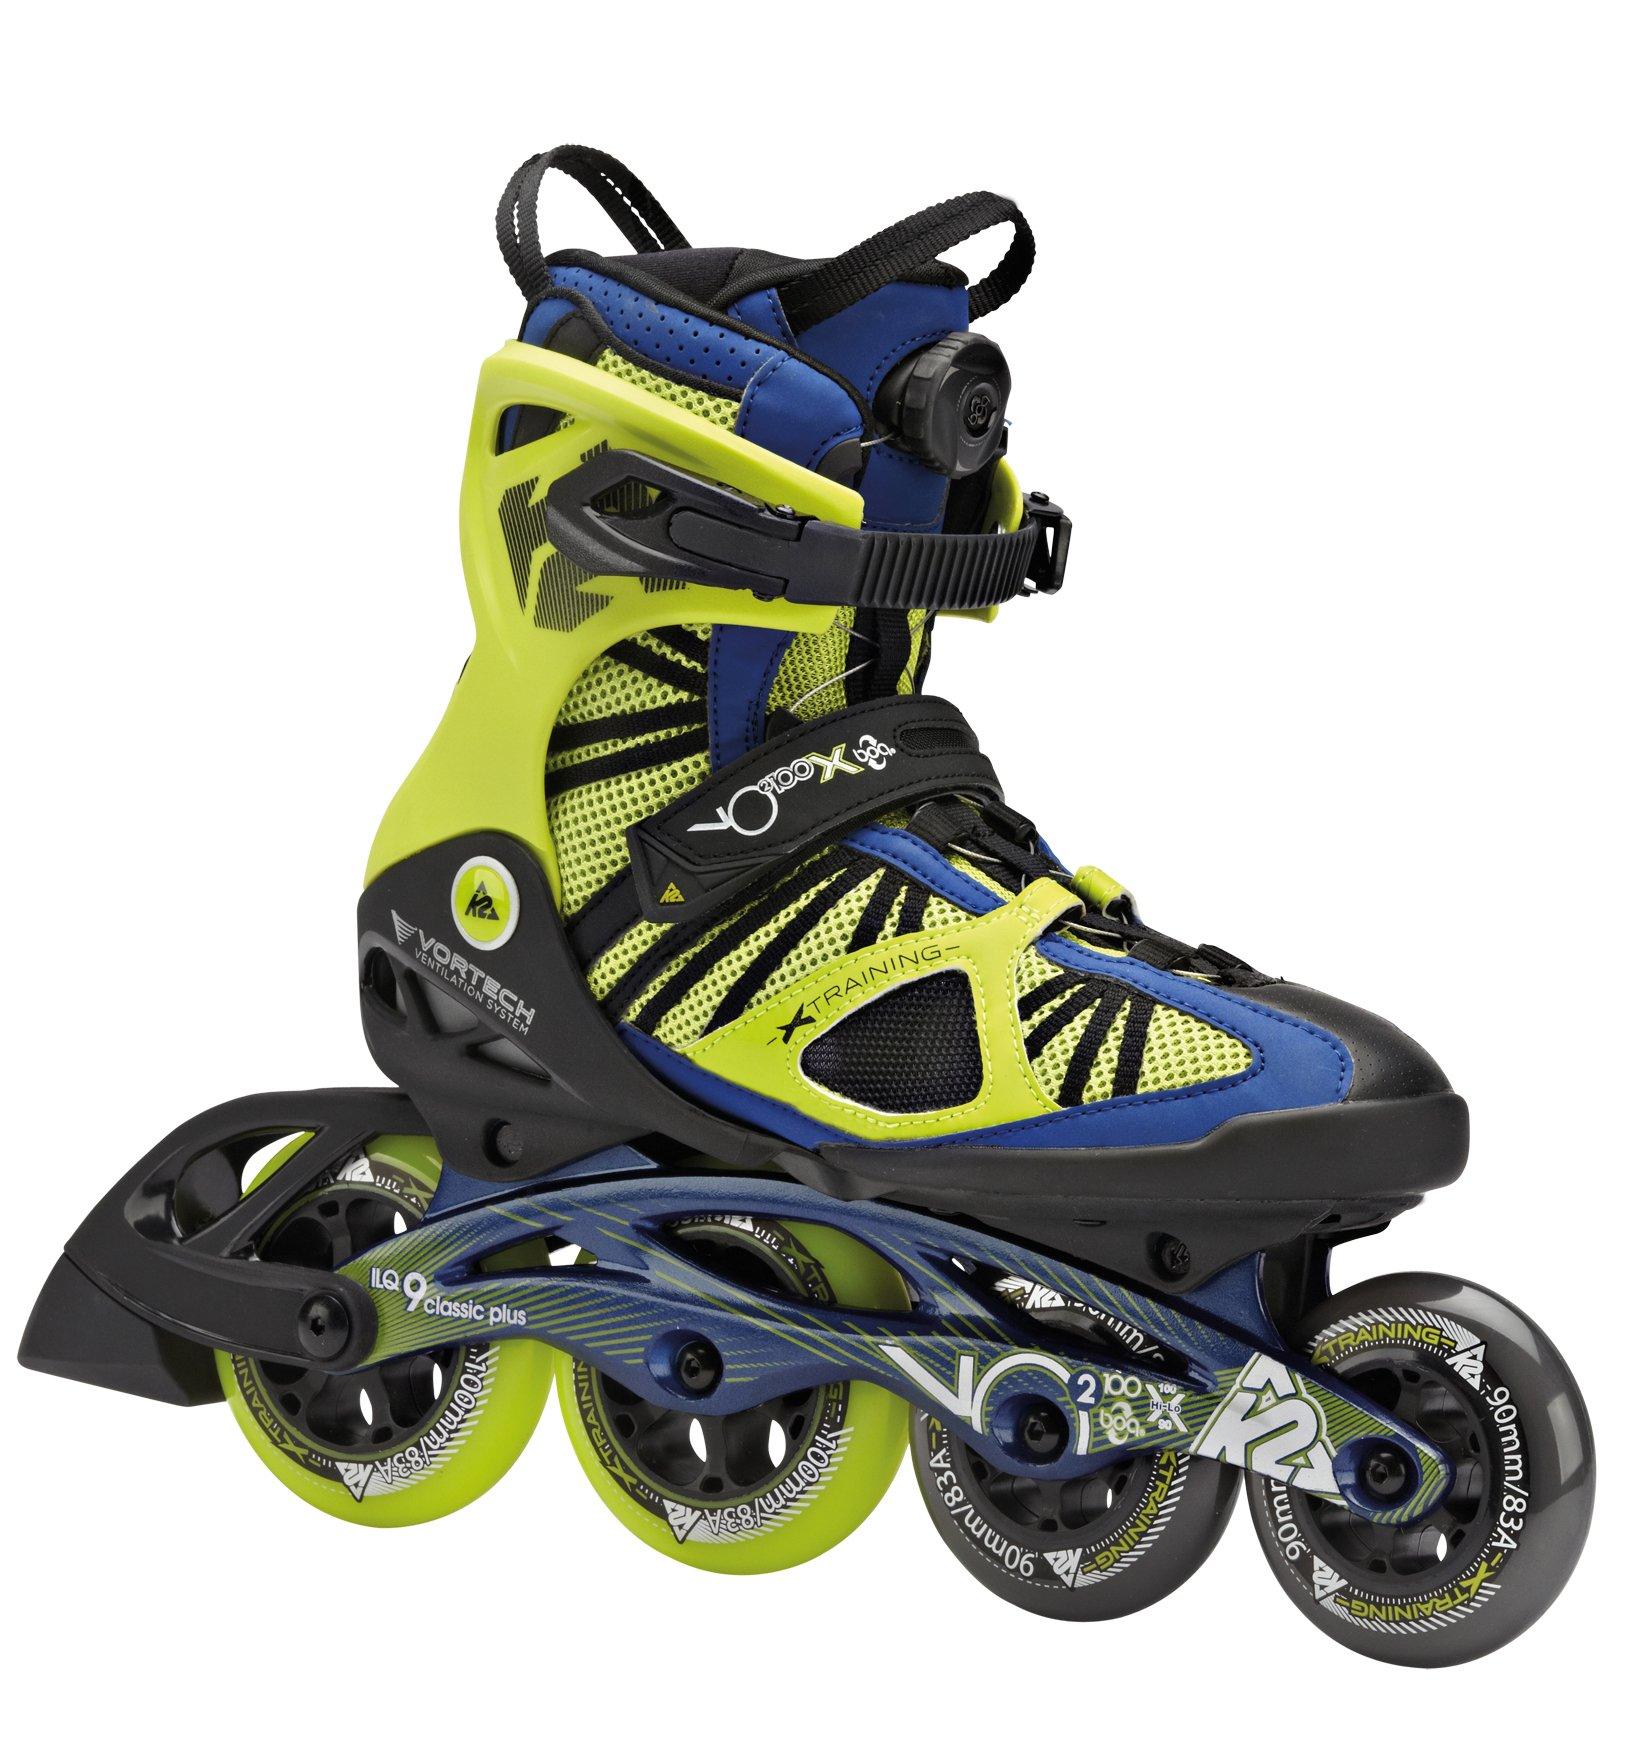 K2 Skate VO2 100 X Boa Inline Skates, Lime/Cobalt, 5 by K2 Skate